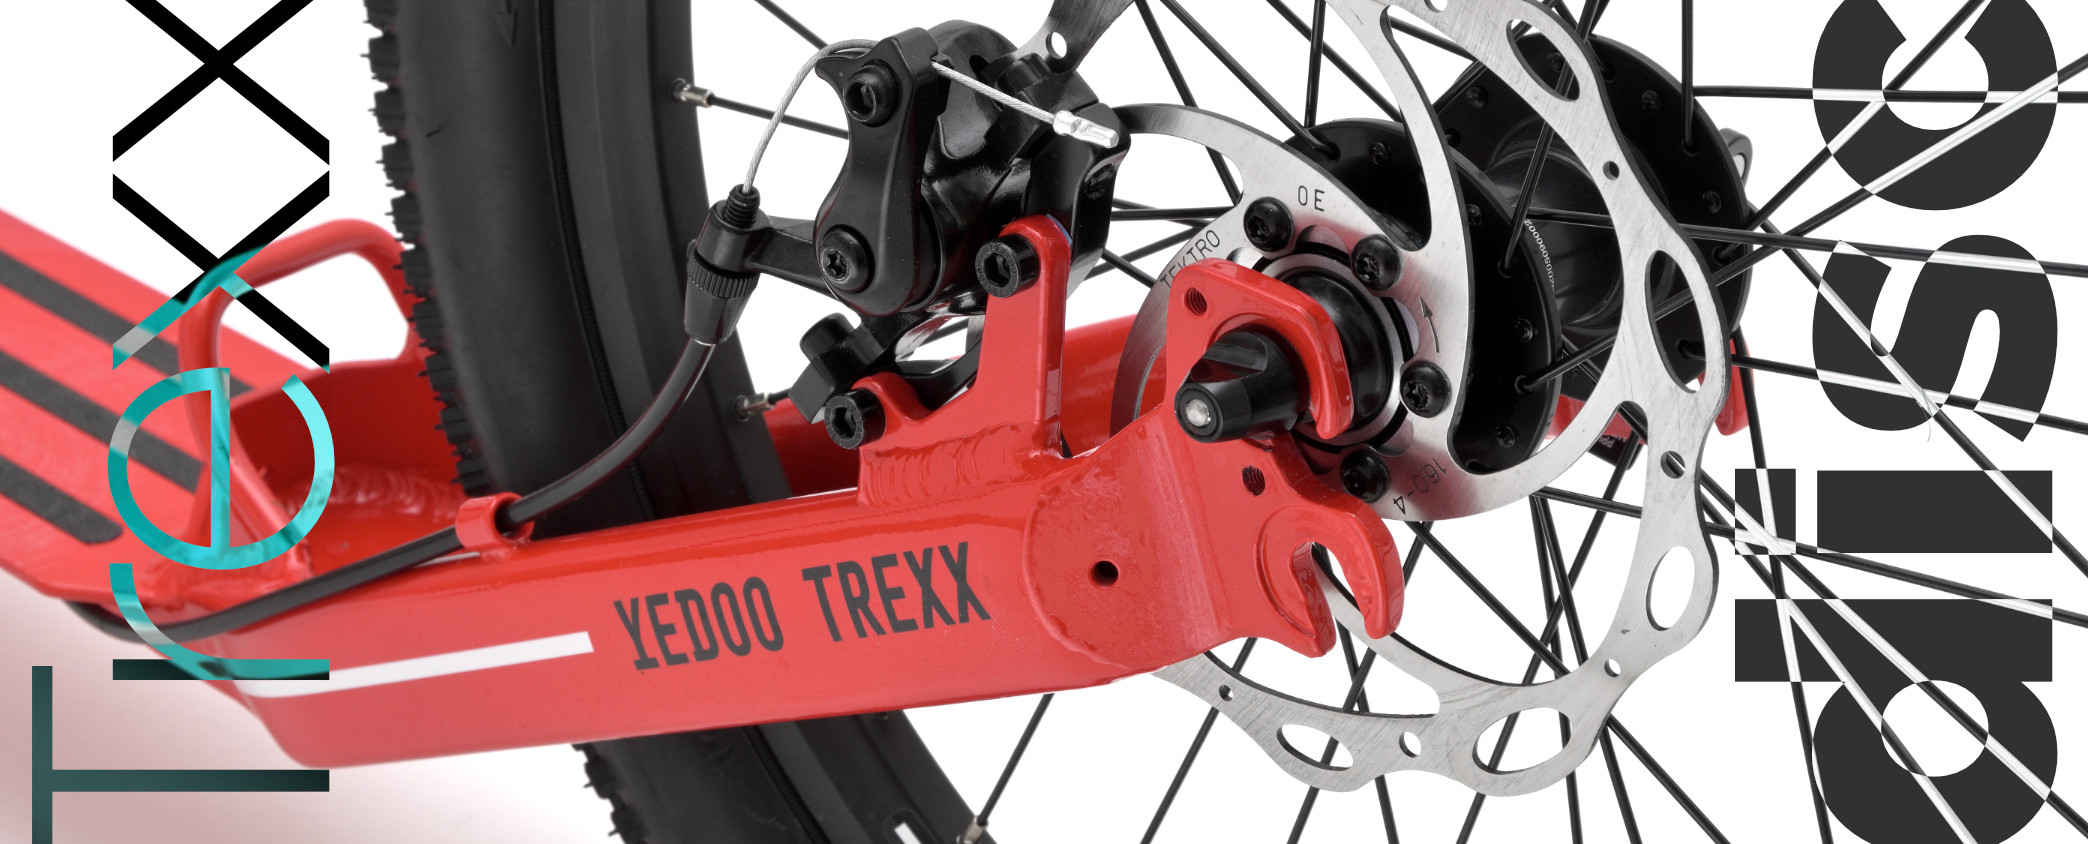 Yedoo Trexx Disc –na první pohled. A k tomu Approximovadla.cz